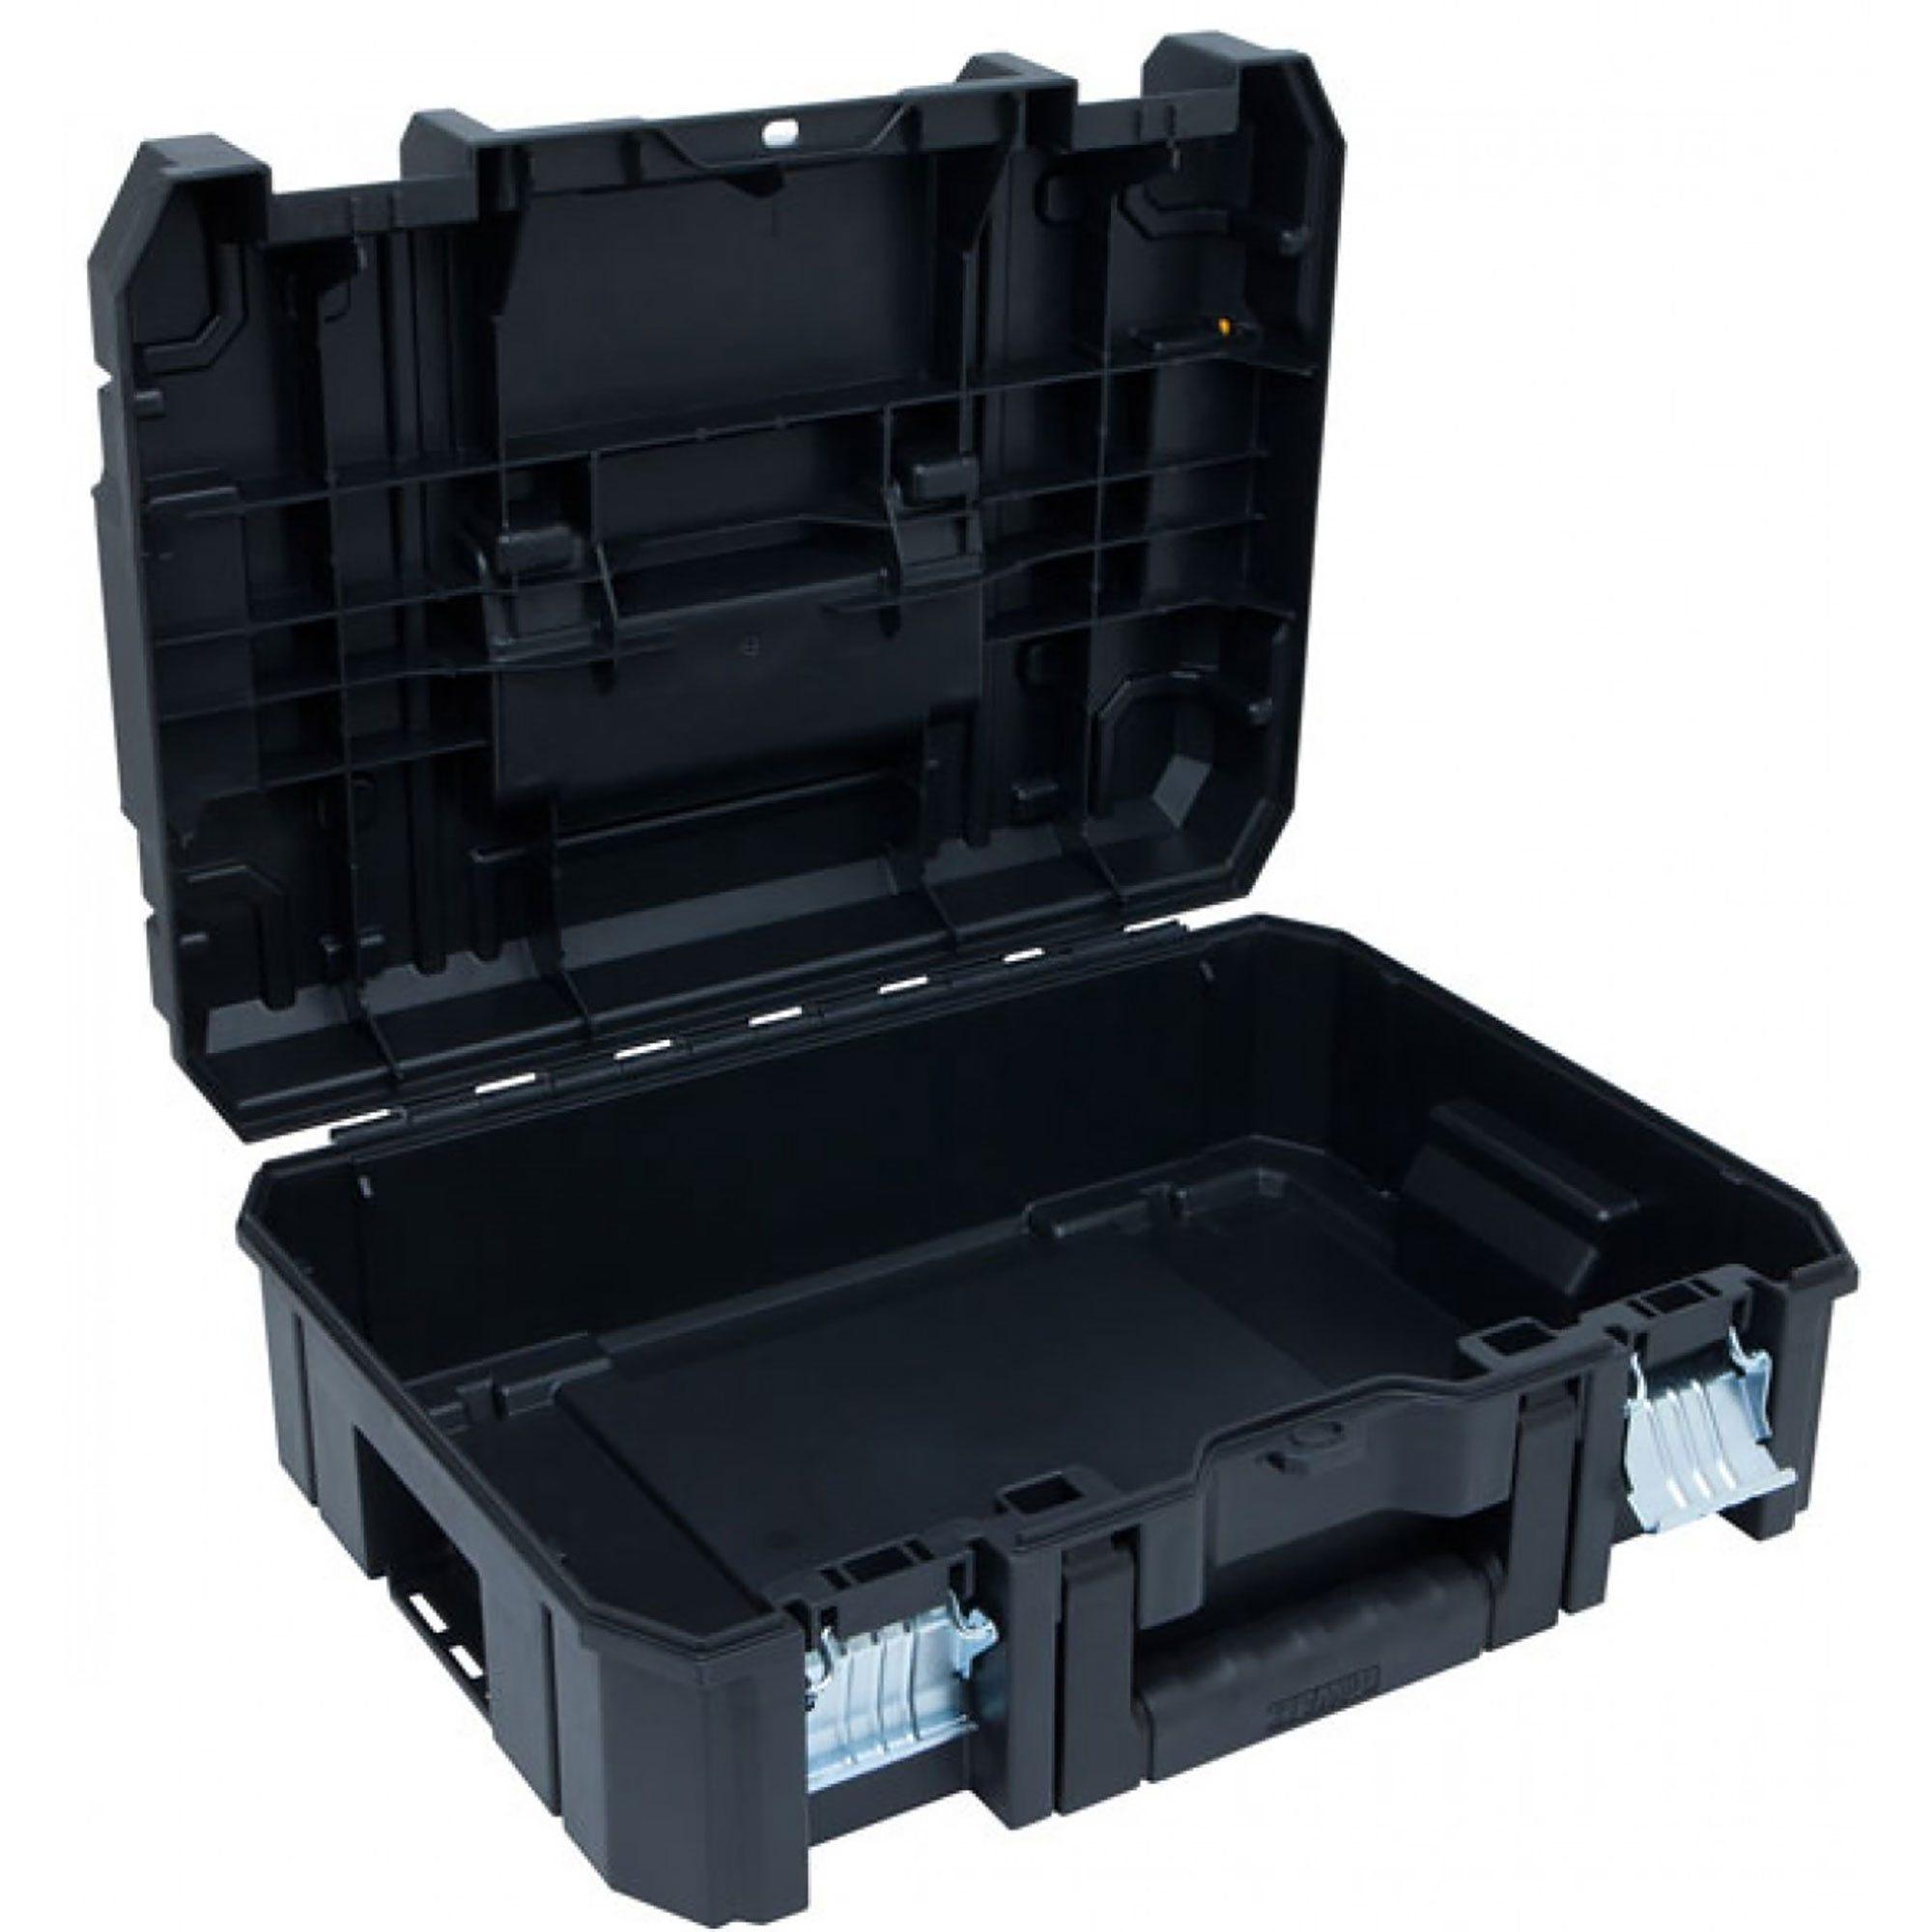 Dewalt TSTAK-2 Tool Case - £12.42 (+£5 Delivery) @ ToolStoreUK